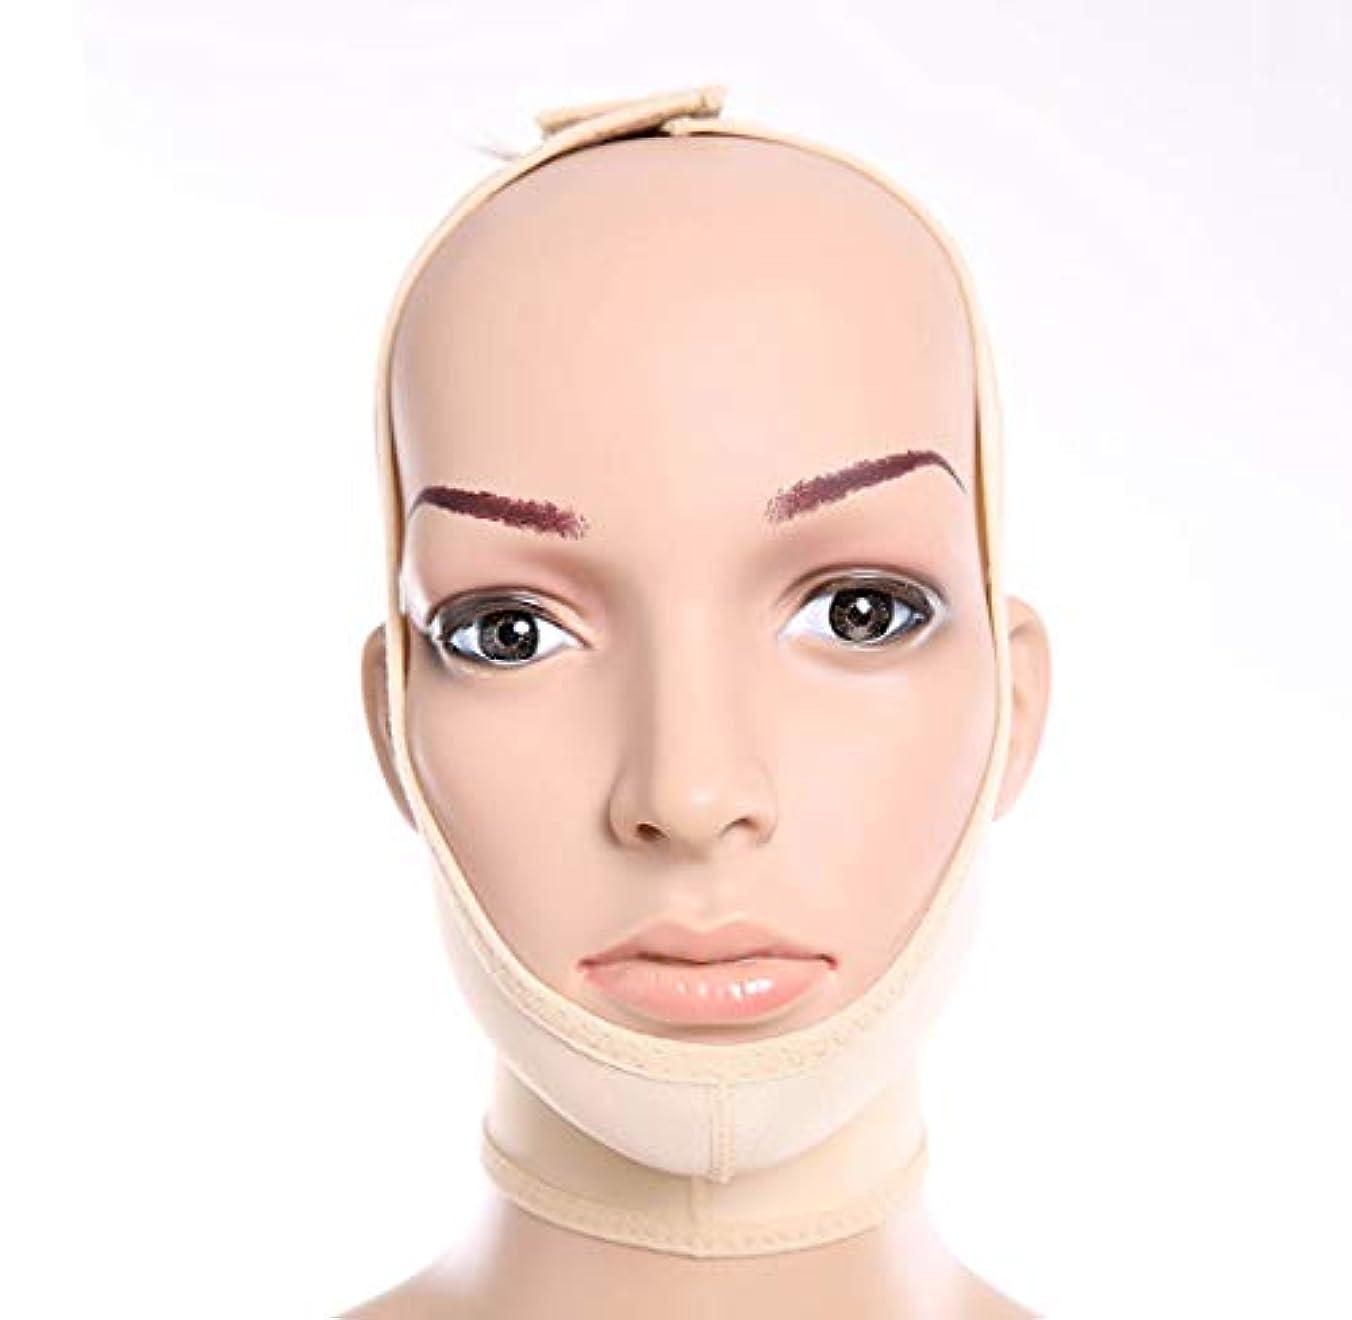 北西戦略八GLJJQMY 顔と首リフト減量術後弾性スリーブジョーフェイスアーティファクトVフェイスフェイシャルビームダブルチンシンフェイスウィッグ 顔用整形マスク (Size : XS)